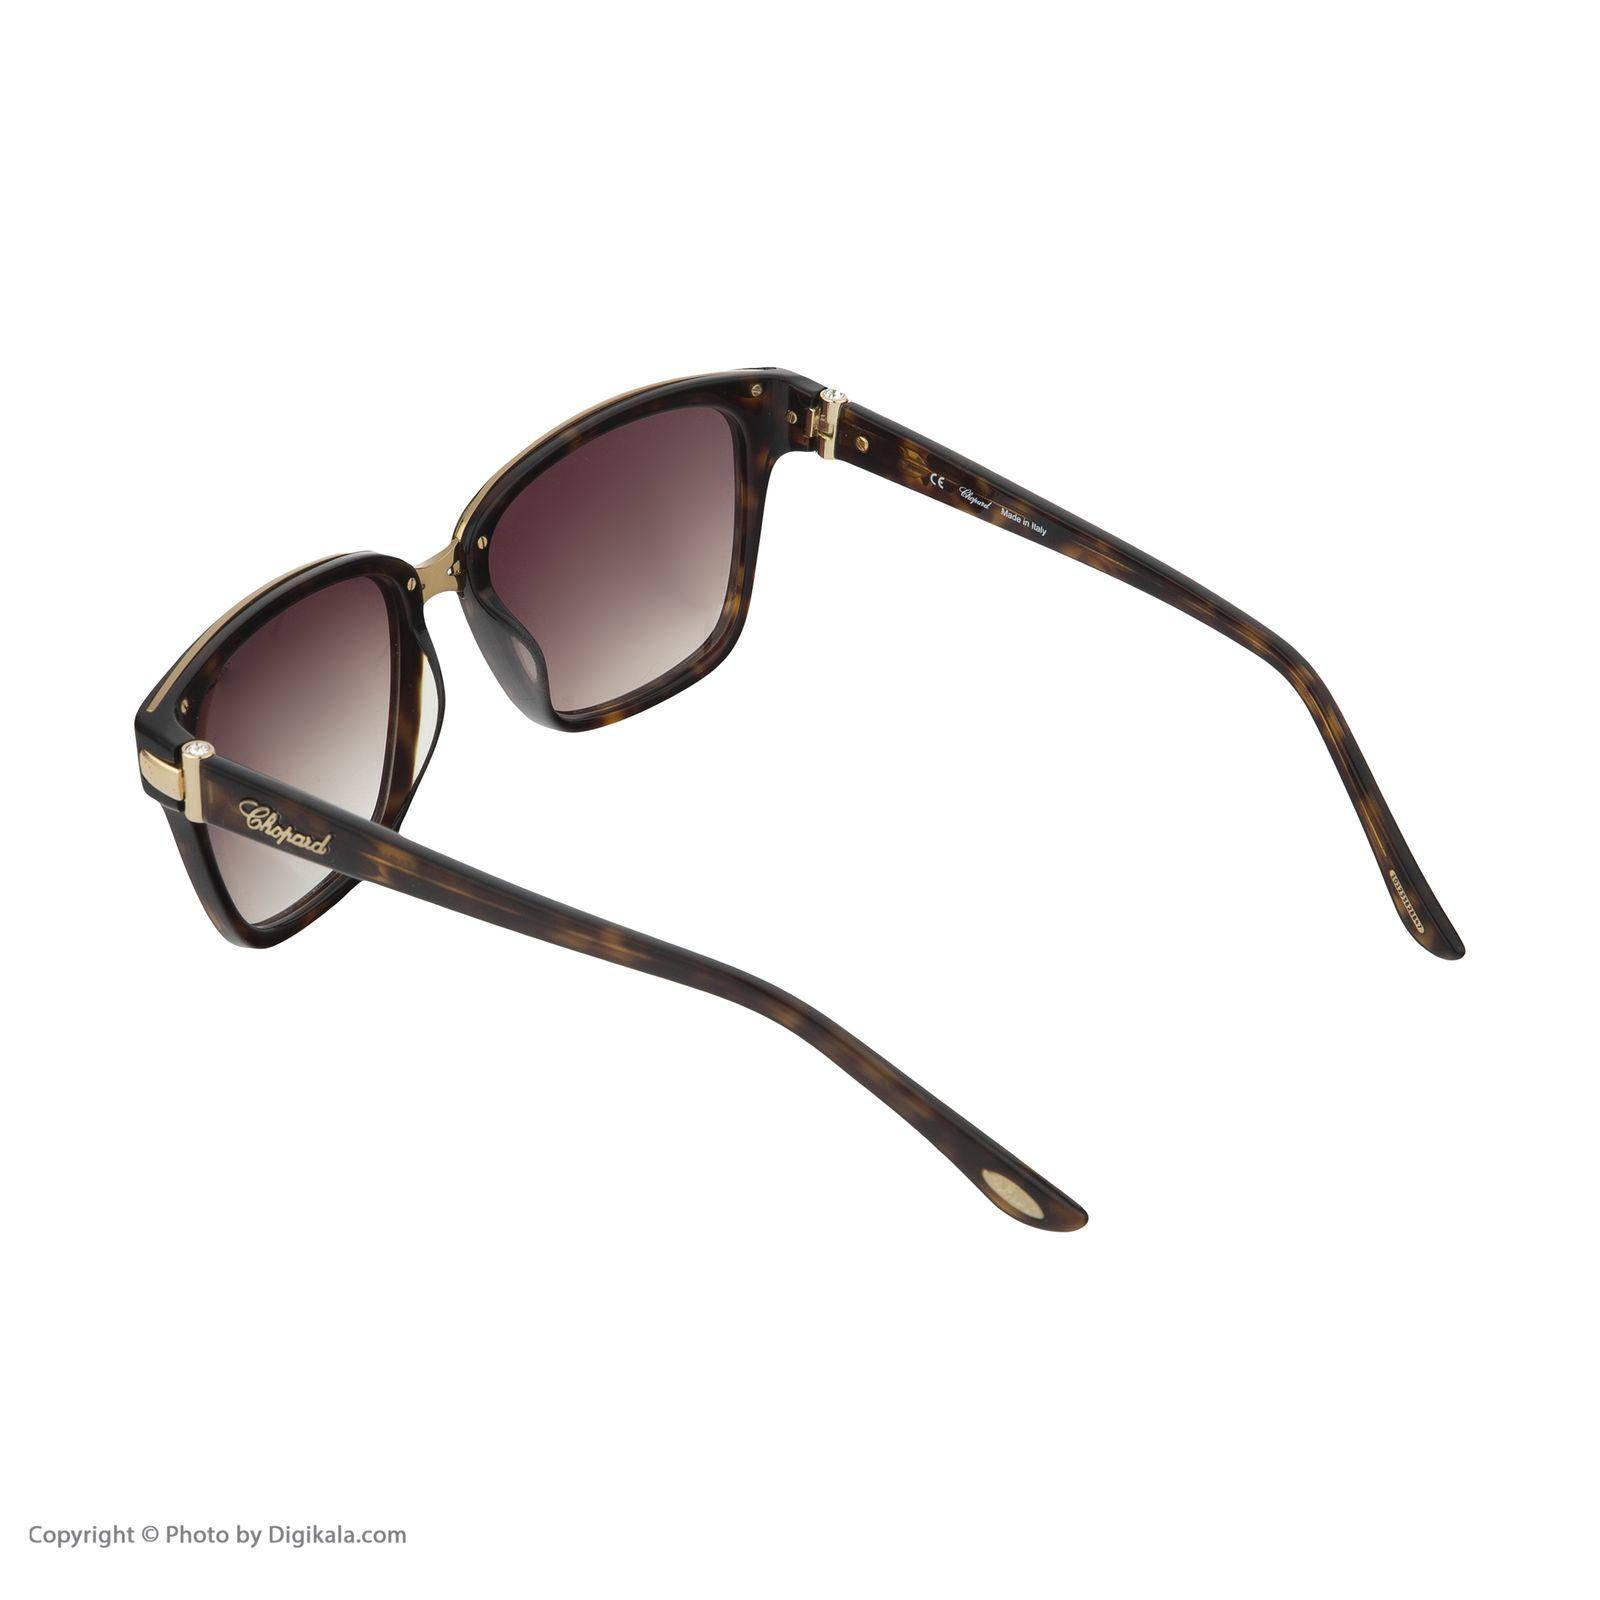 عینک آفتابی زنانه شوپارد مدل 128s -  - 6